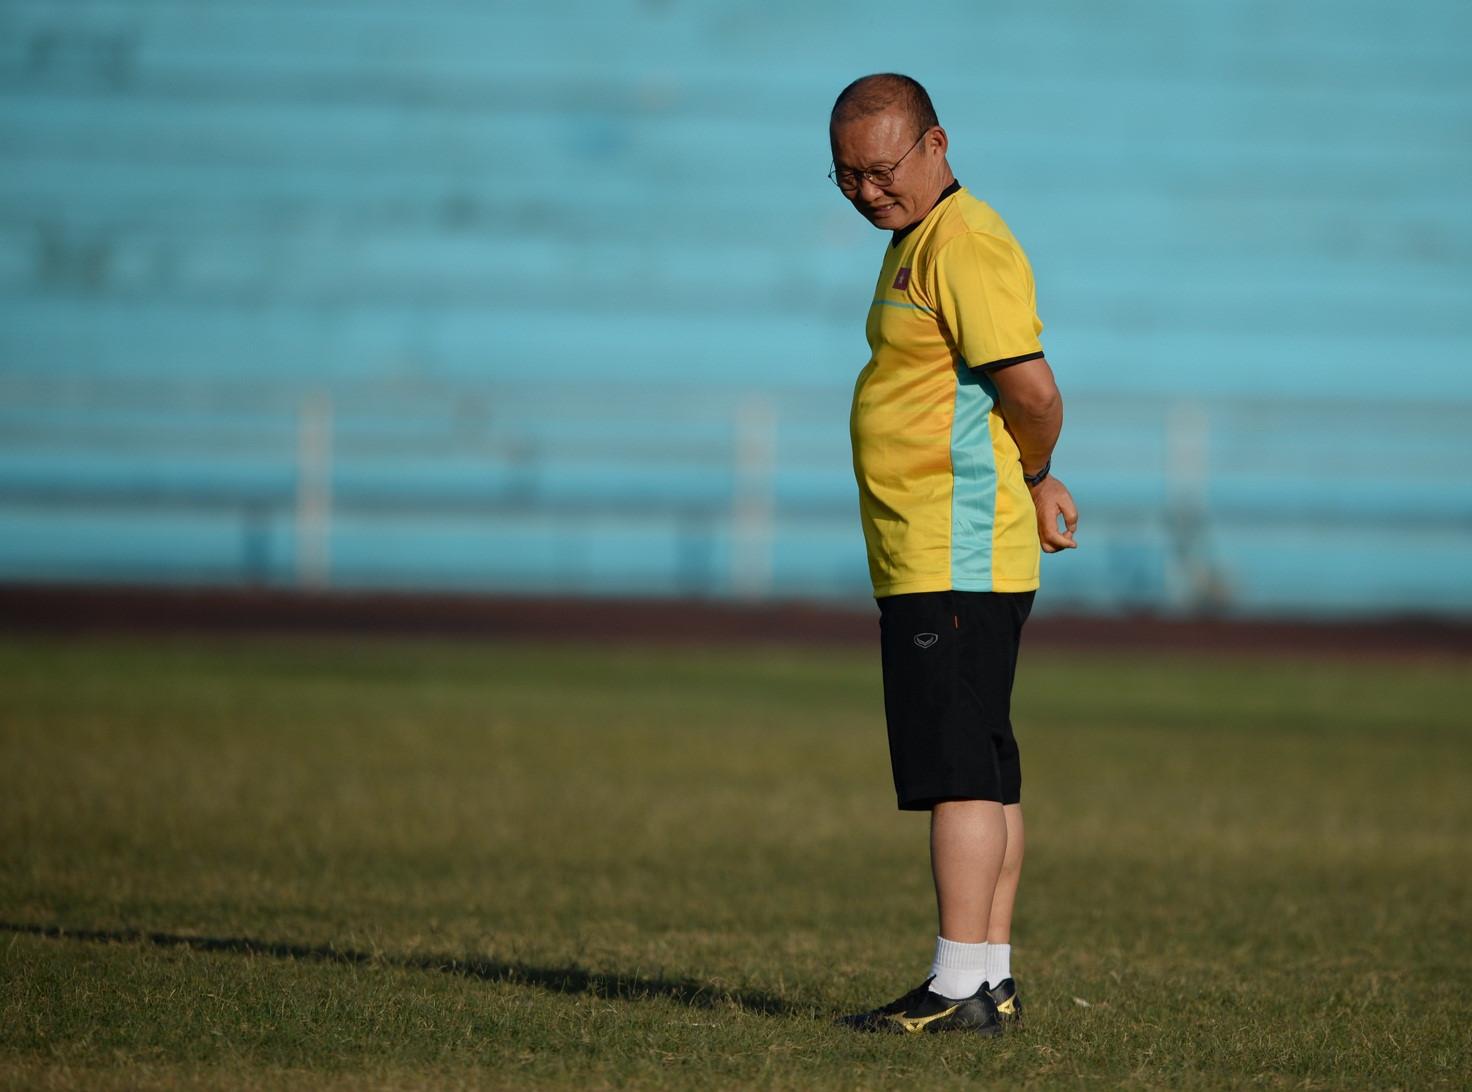 Tuyển Việt Nam tập chung sân với người dân đi tập thể dục Ảnh 1